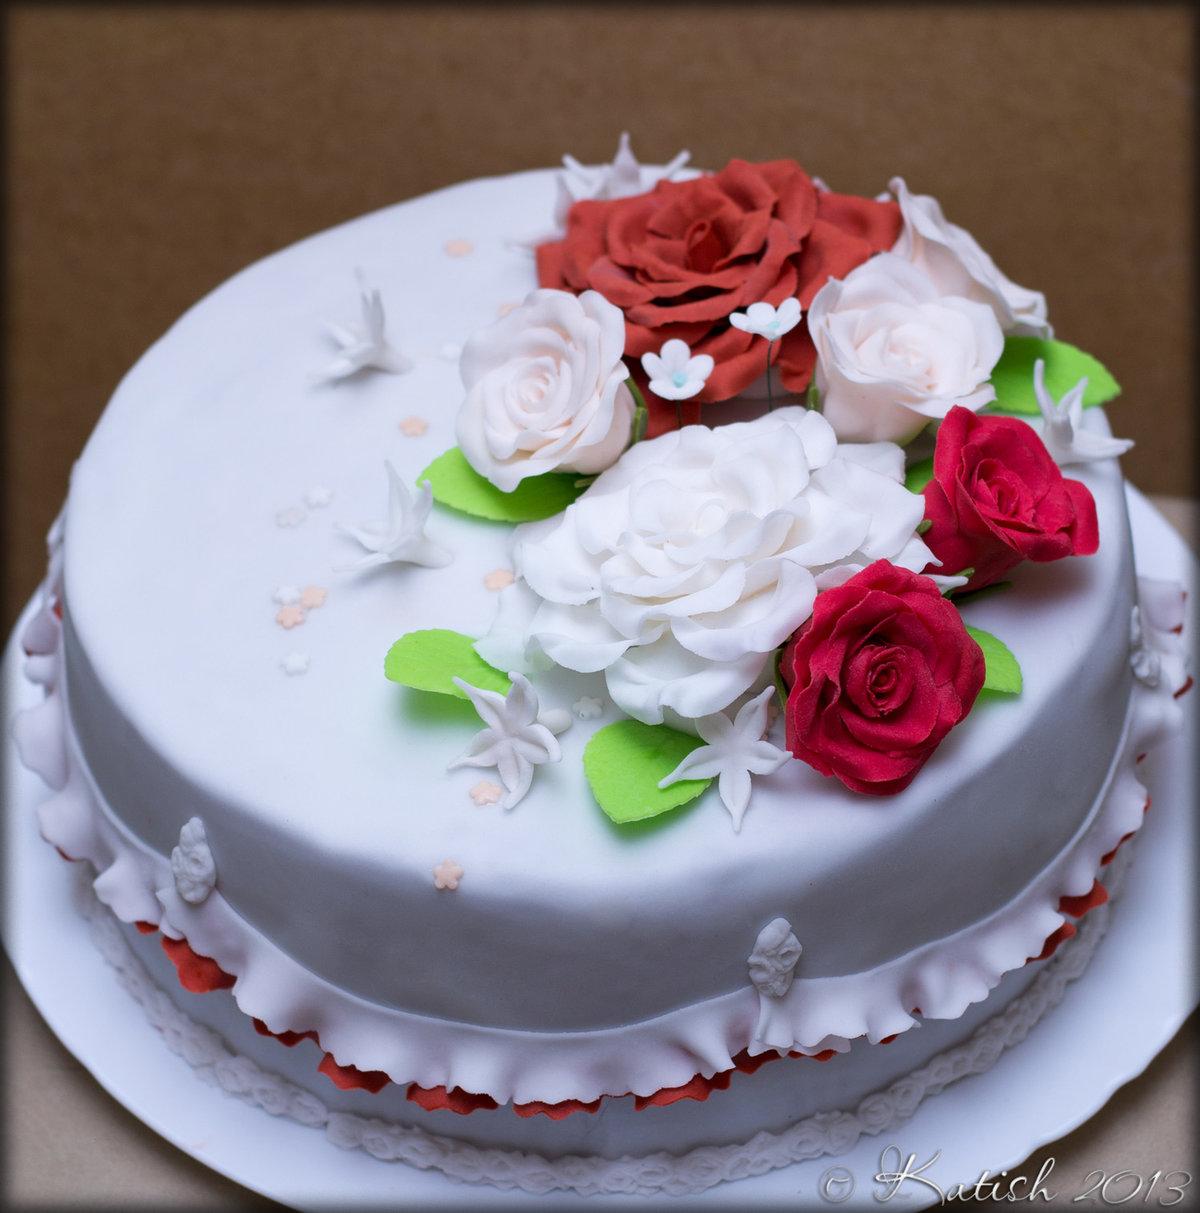 Картинки торт с цветами, брату днем